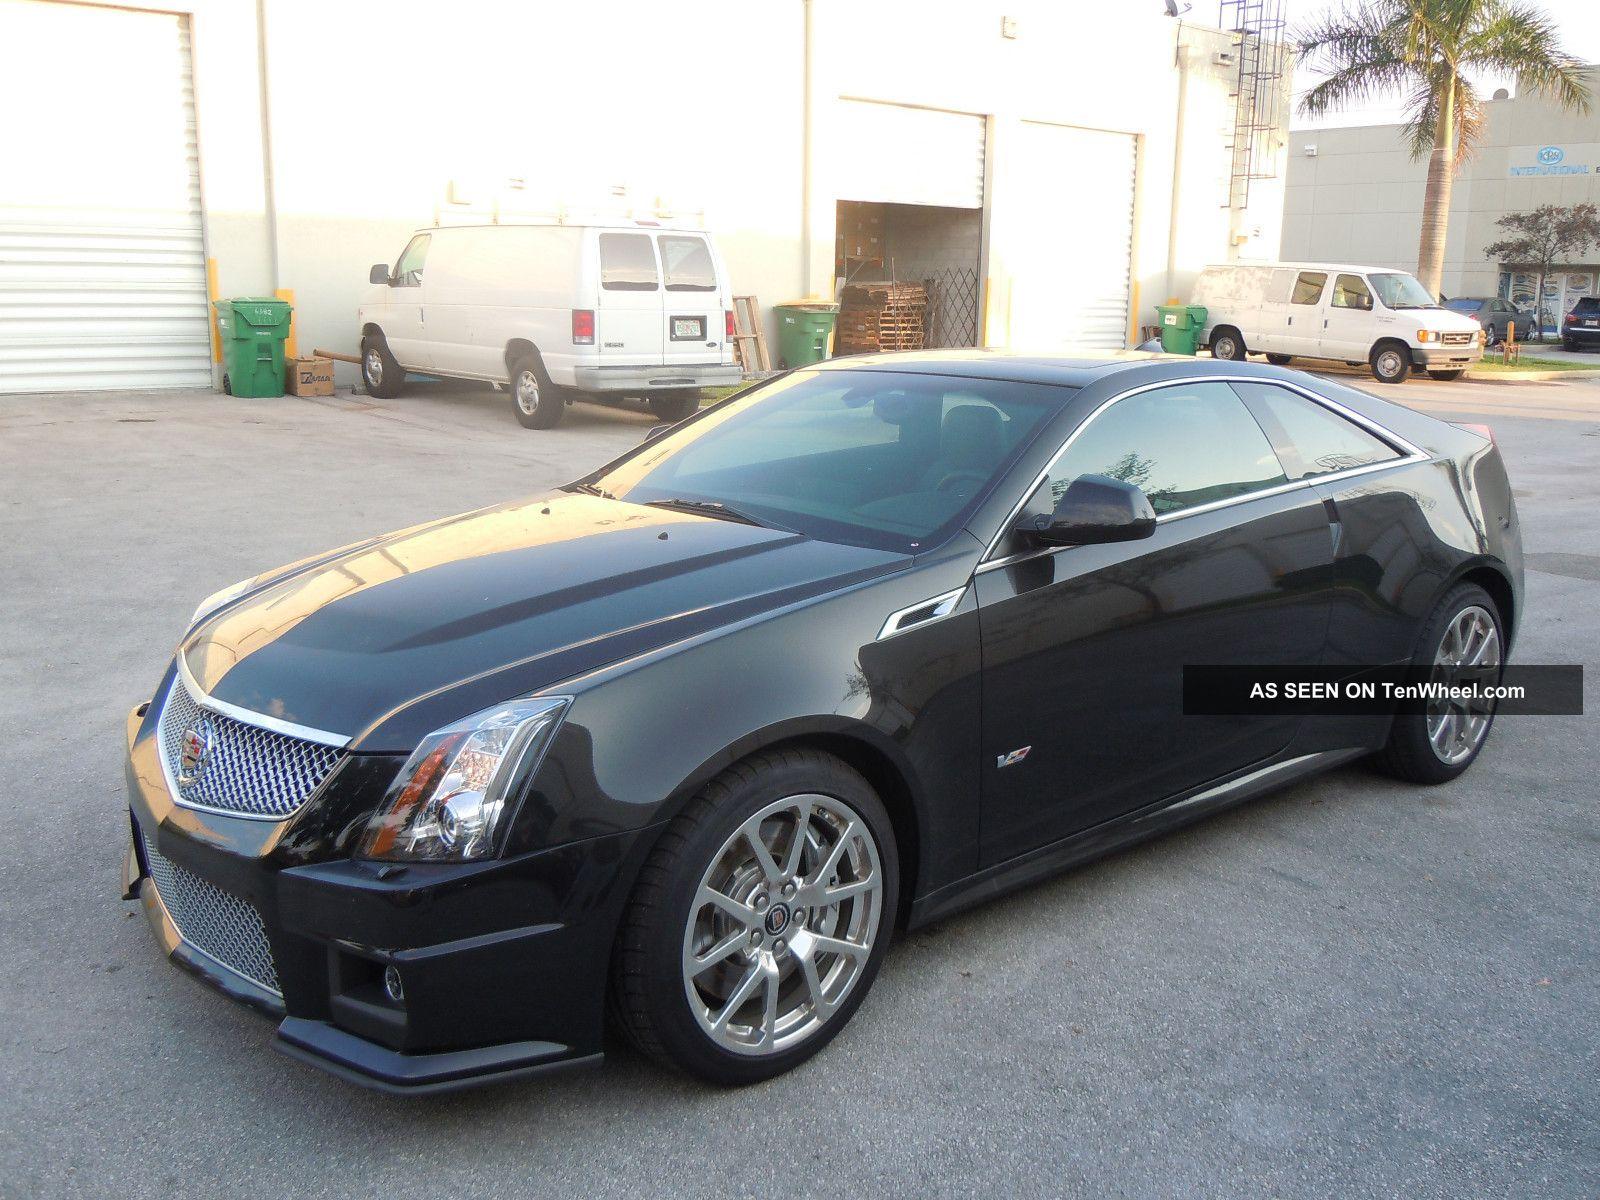 2012 cadillac cts v coupe 6 2l v8 556 hp black. Black Bedroom Furniture Sets. Home Design Ideas